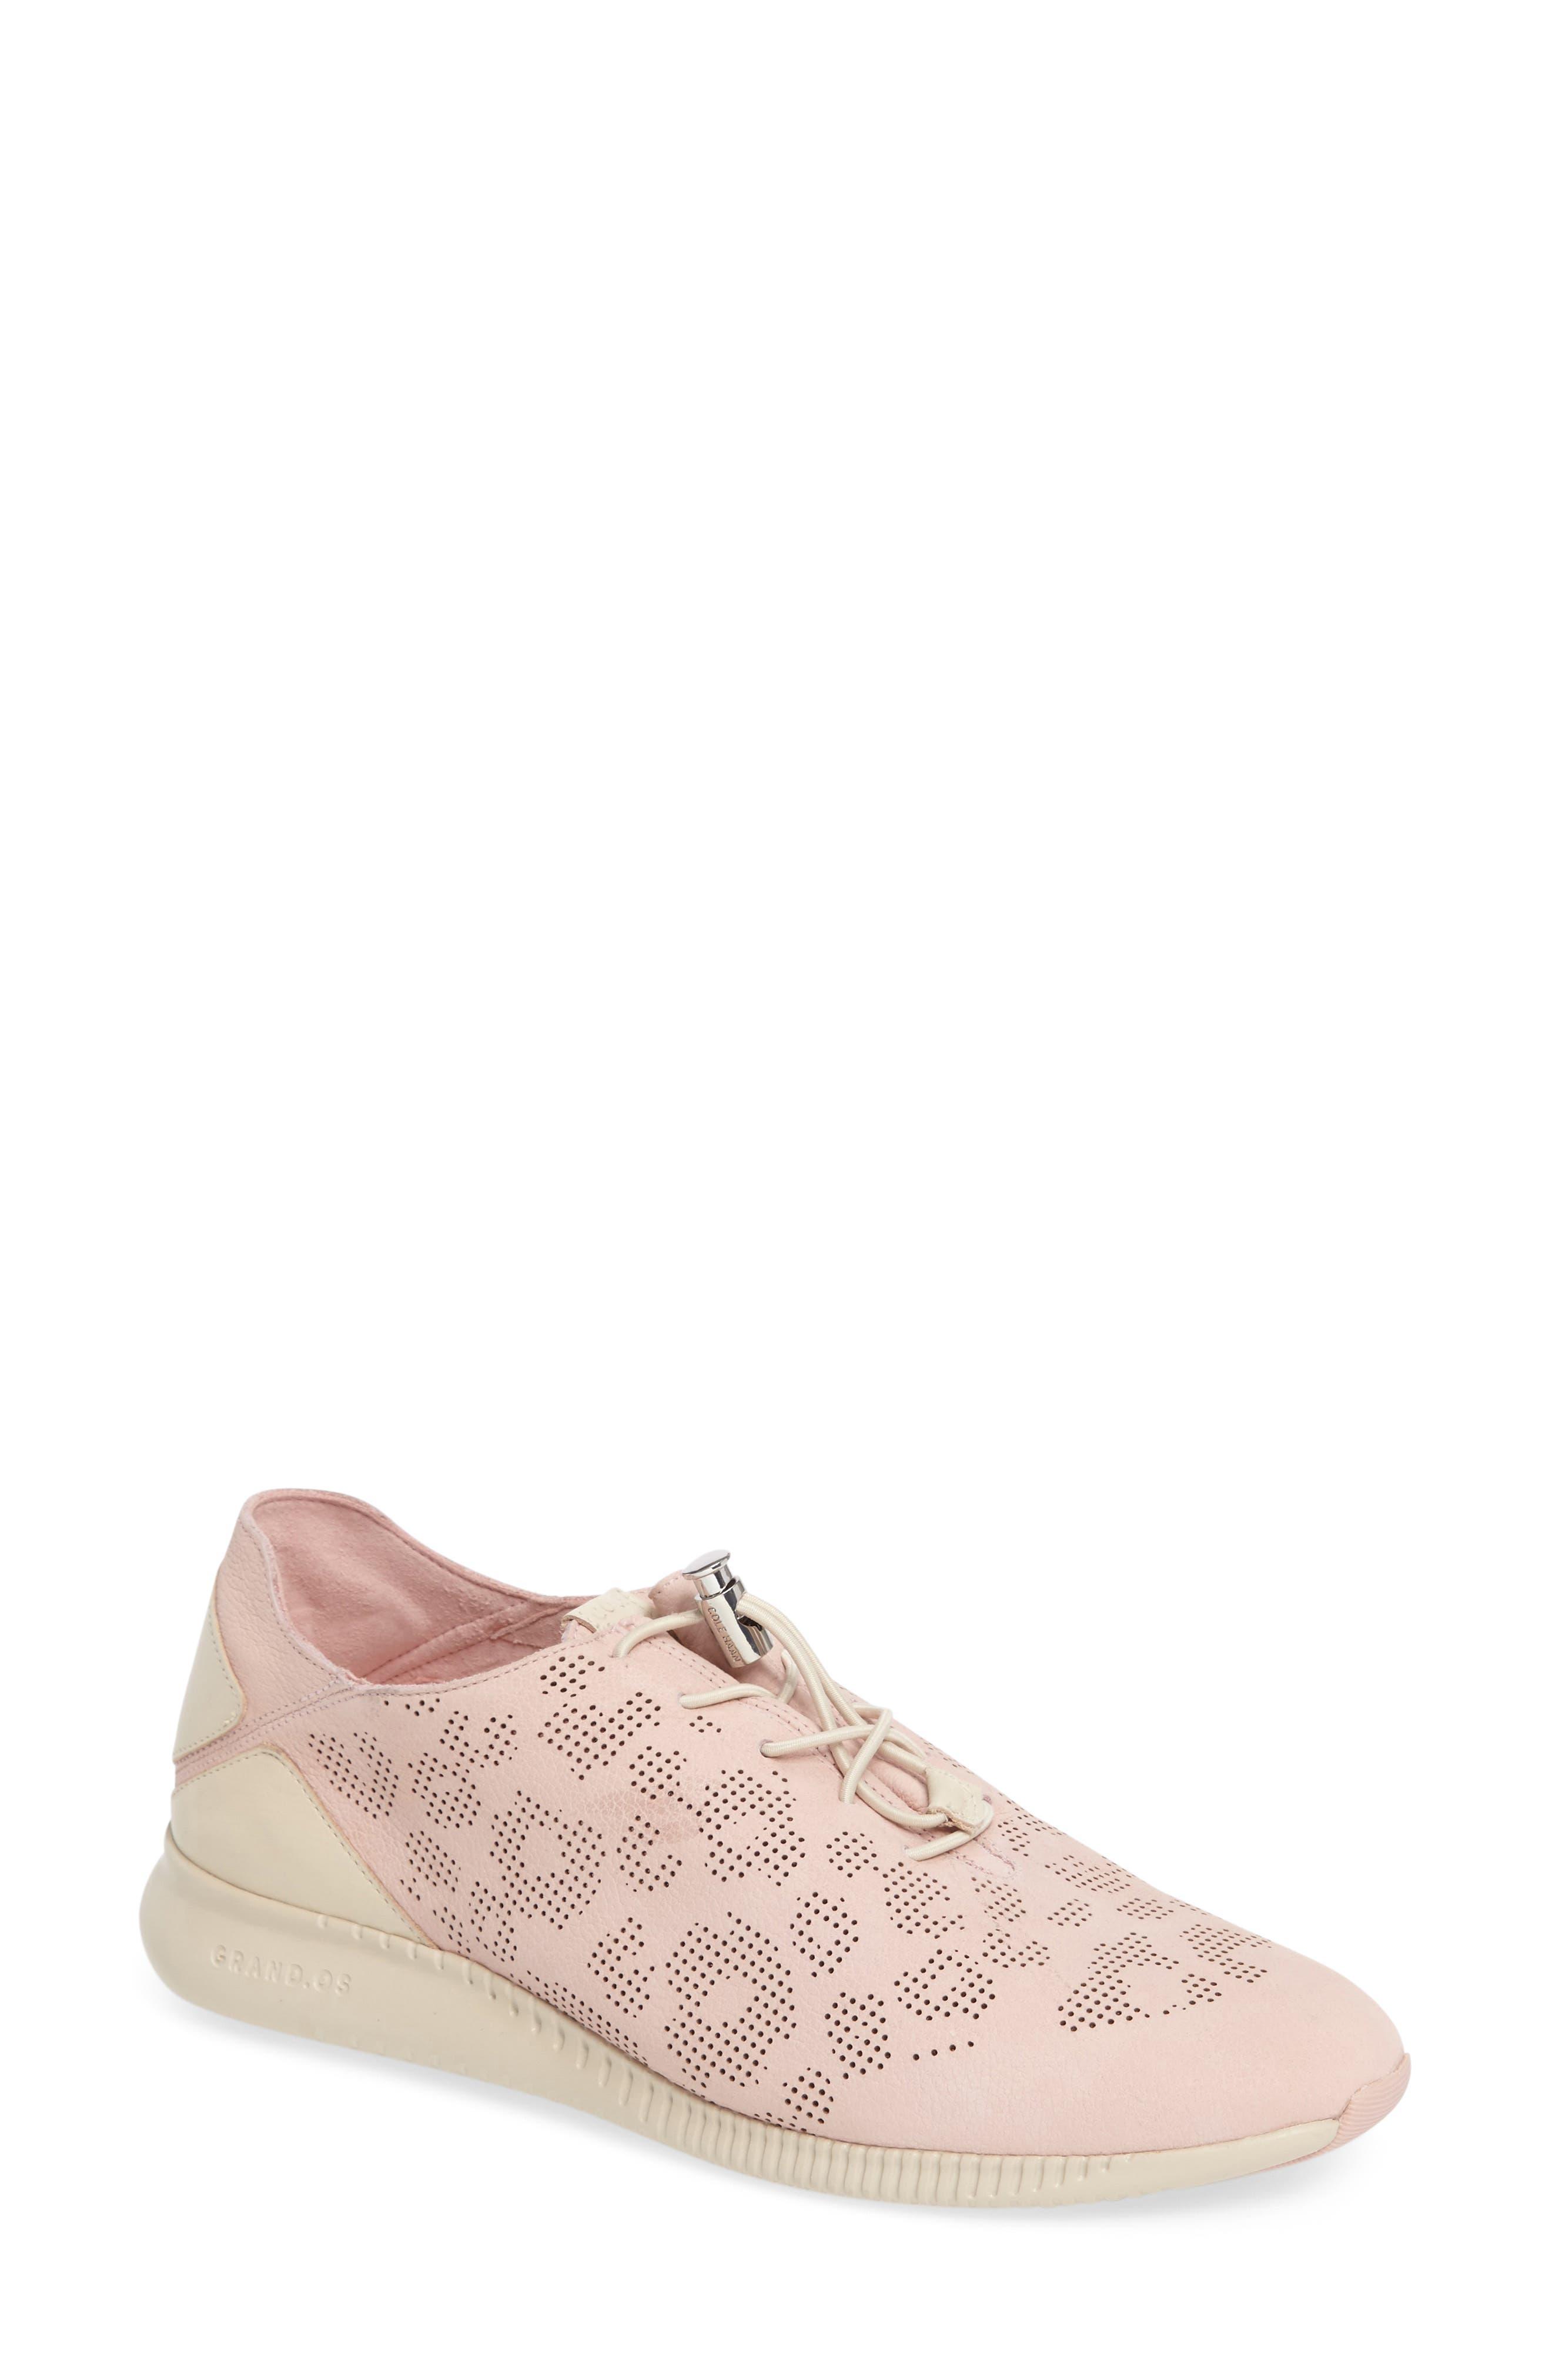 COLE HAAN StudioGrand Sneaker